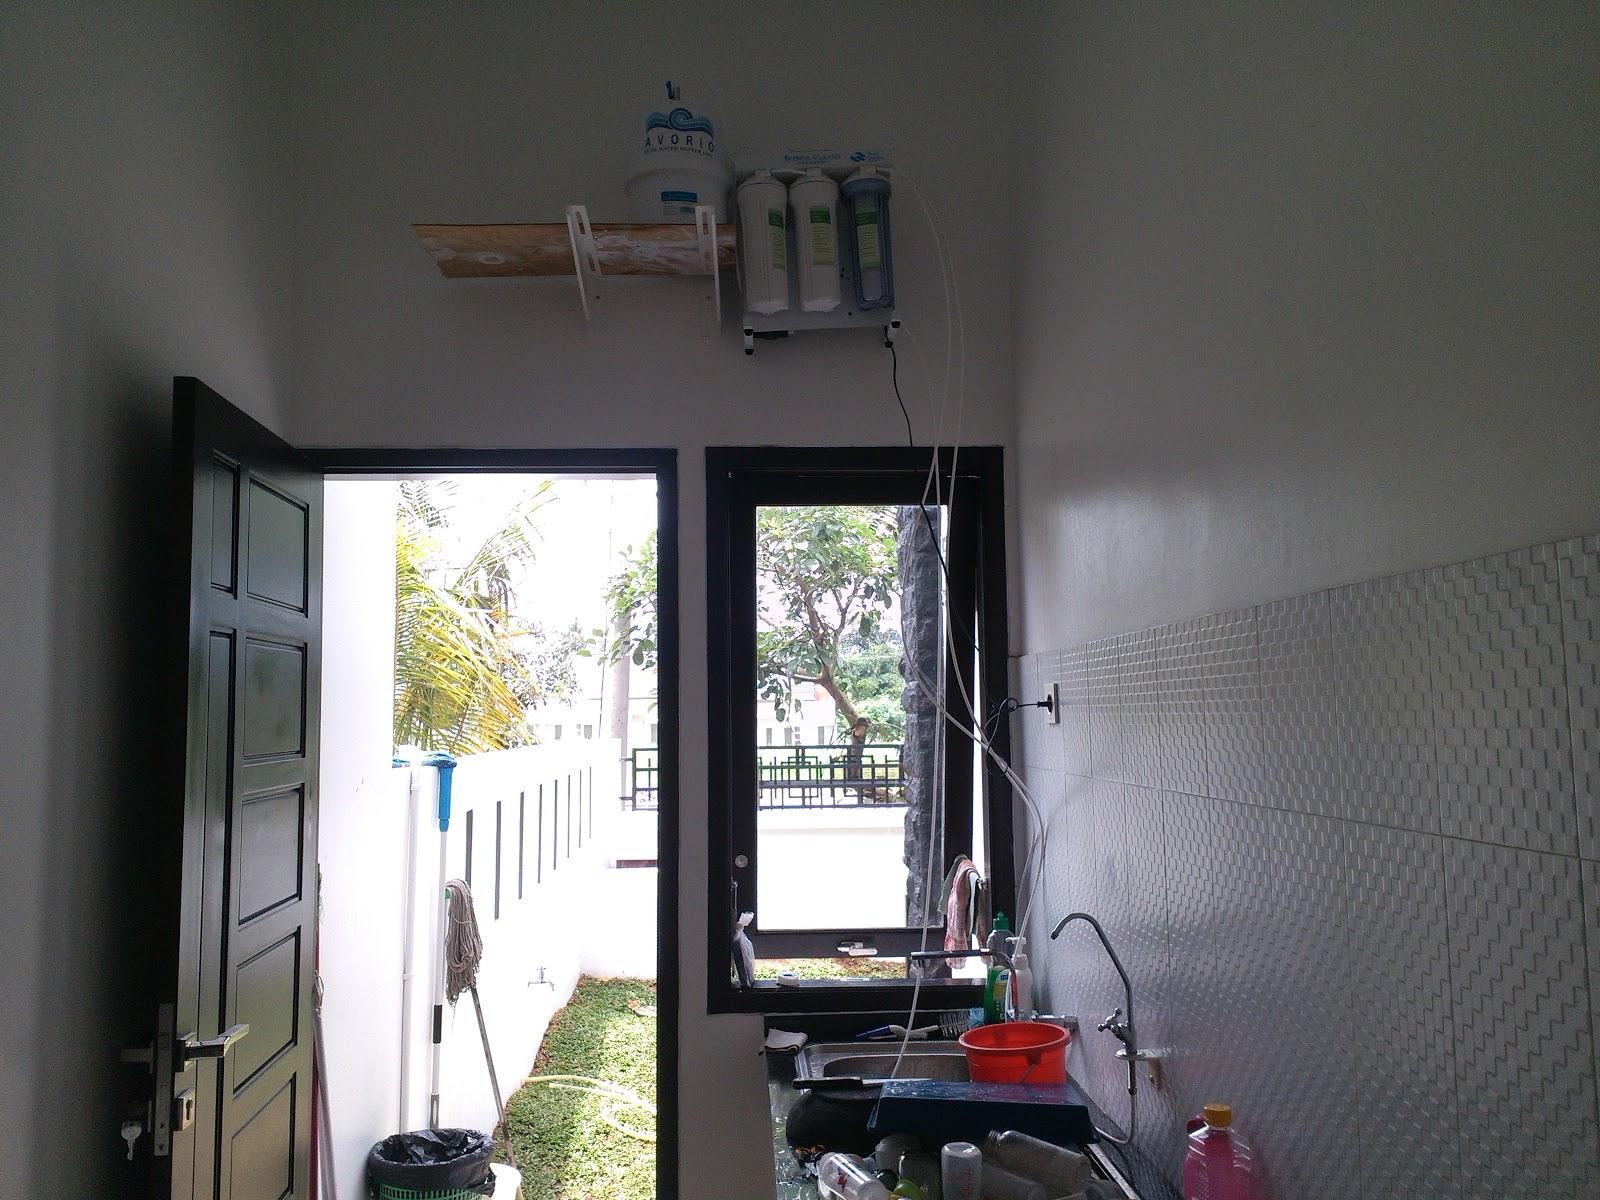 jual ro, reverse osmosis murah di bogor, depok, tangerang, bekasi, dan bandung